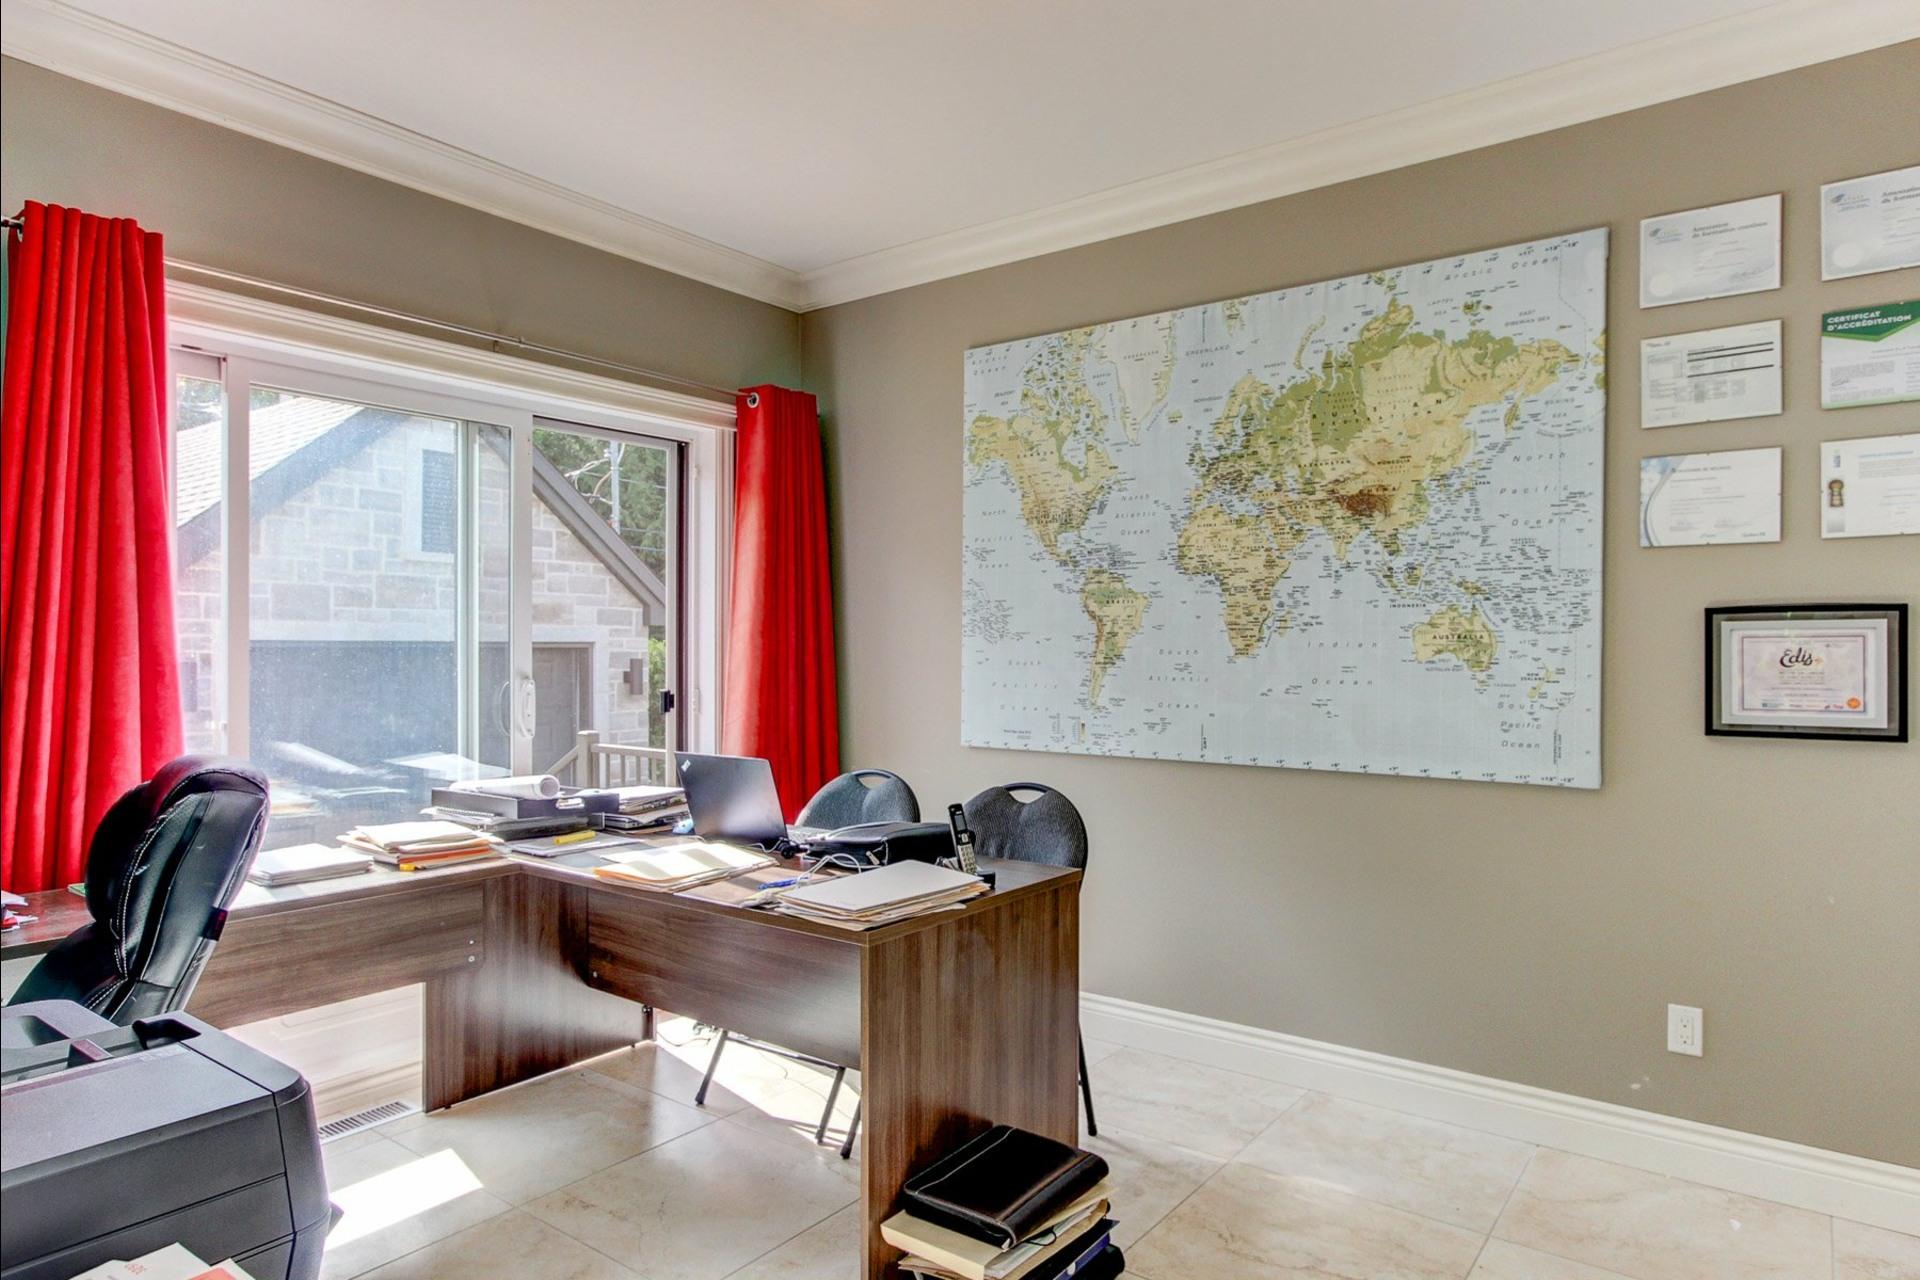 image 8 - Maison À vendre Trois-Rivières - 16 pièces